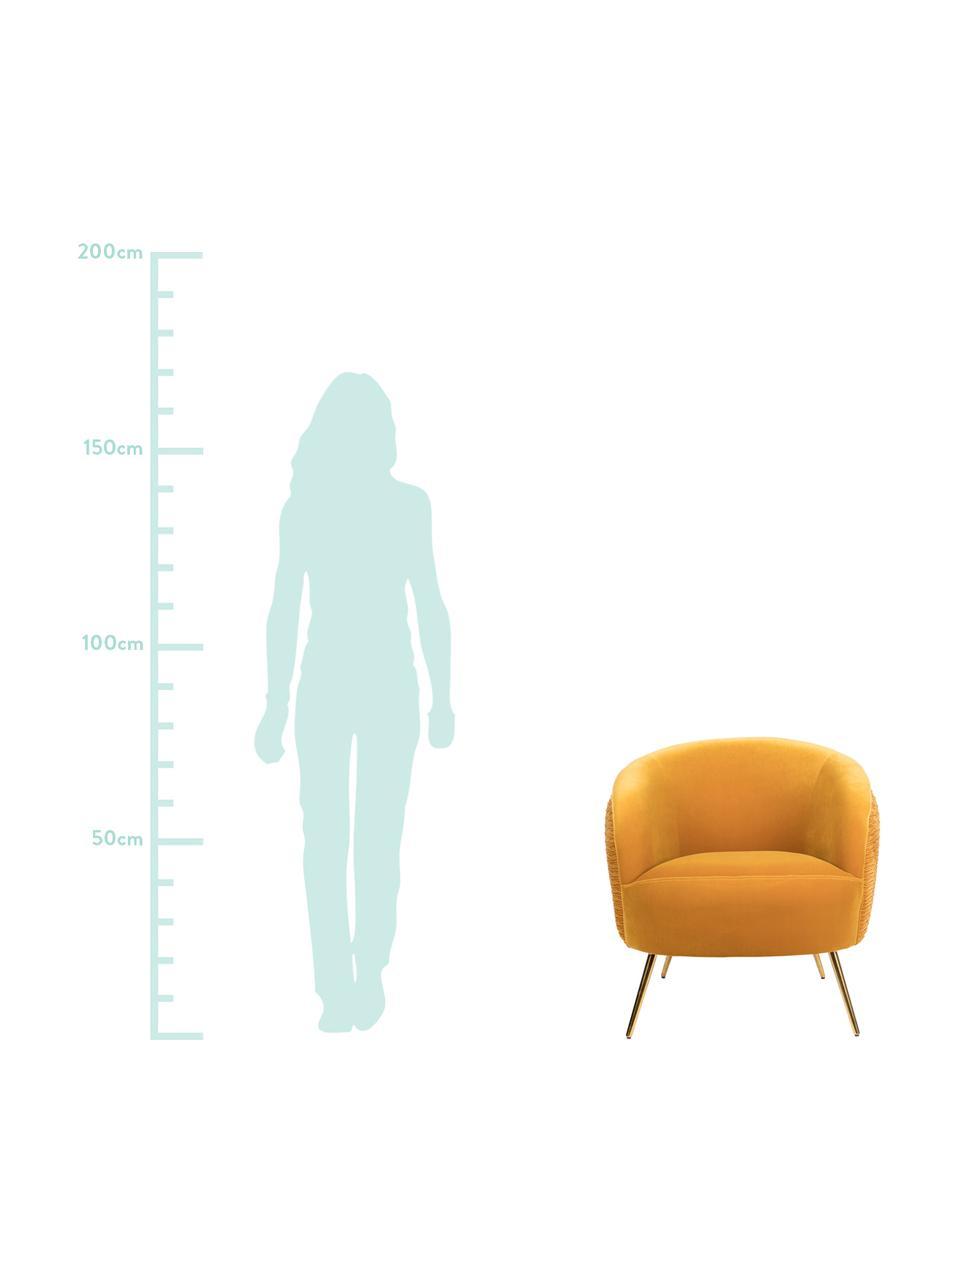 Samt-Cocktailsessel So Curvy in Gelb, Bezug: Polyestersamt Der hochwer, Füße: Edelstahl, galvanisiert, Samt Ockergelb, B 78 x T 77 cm